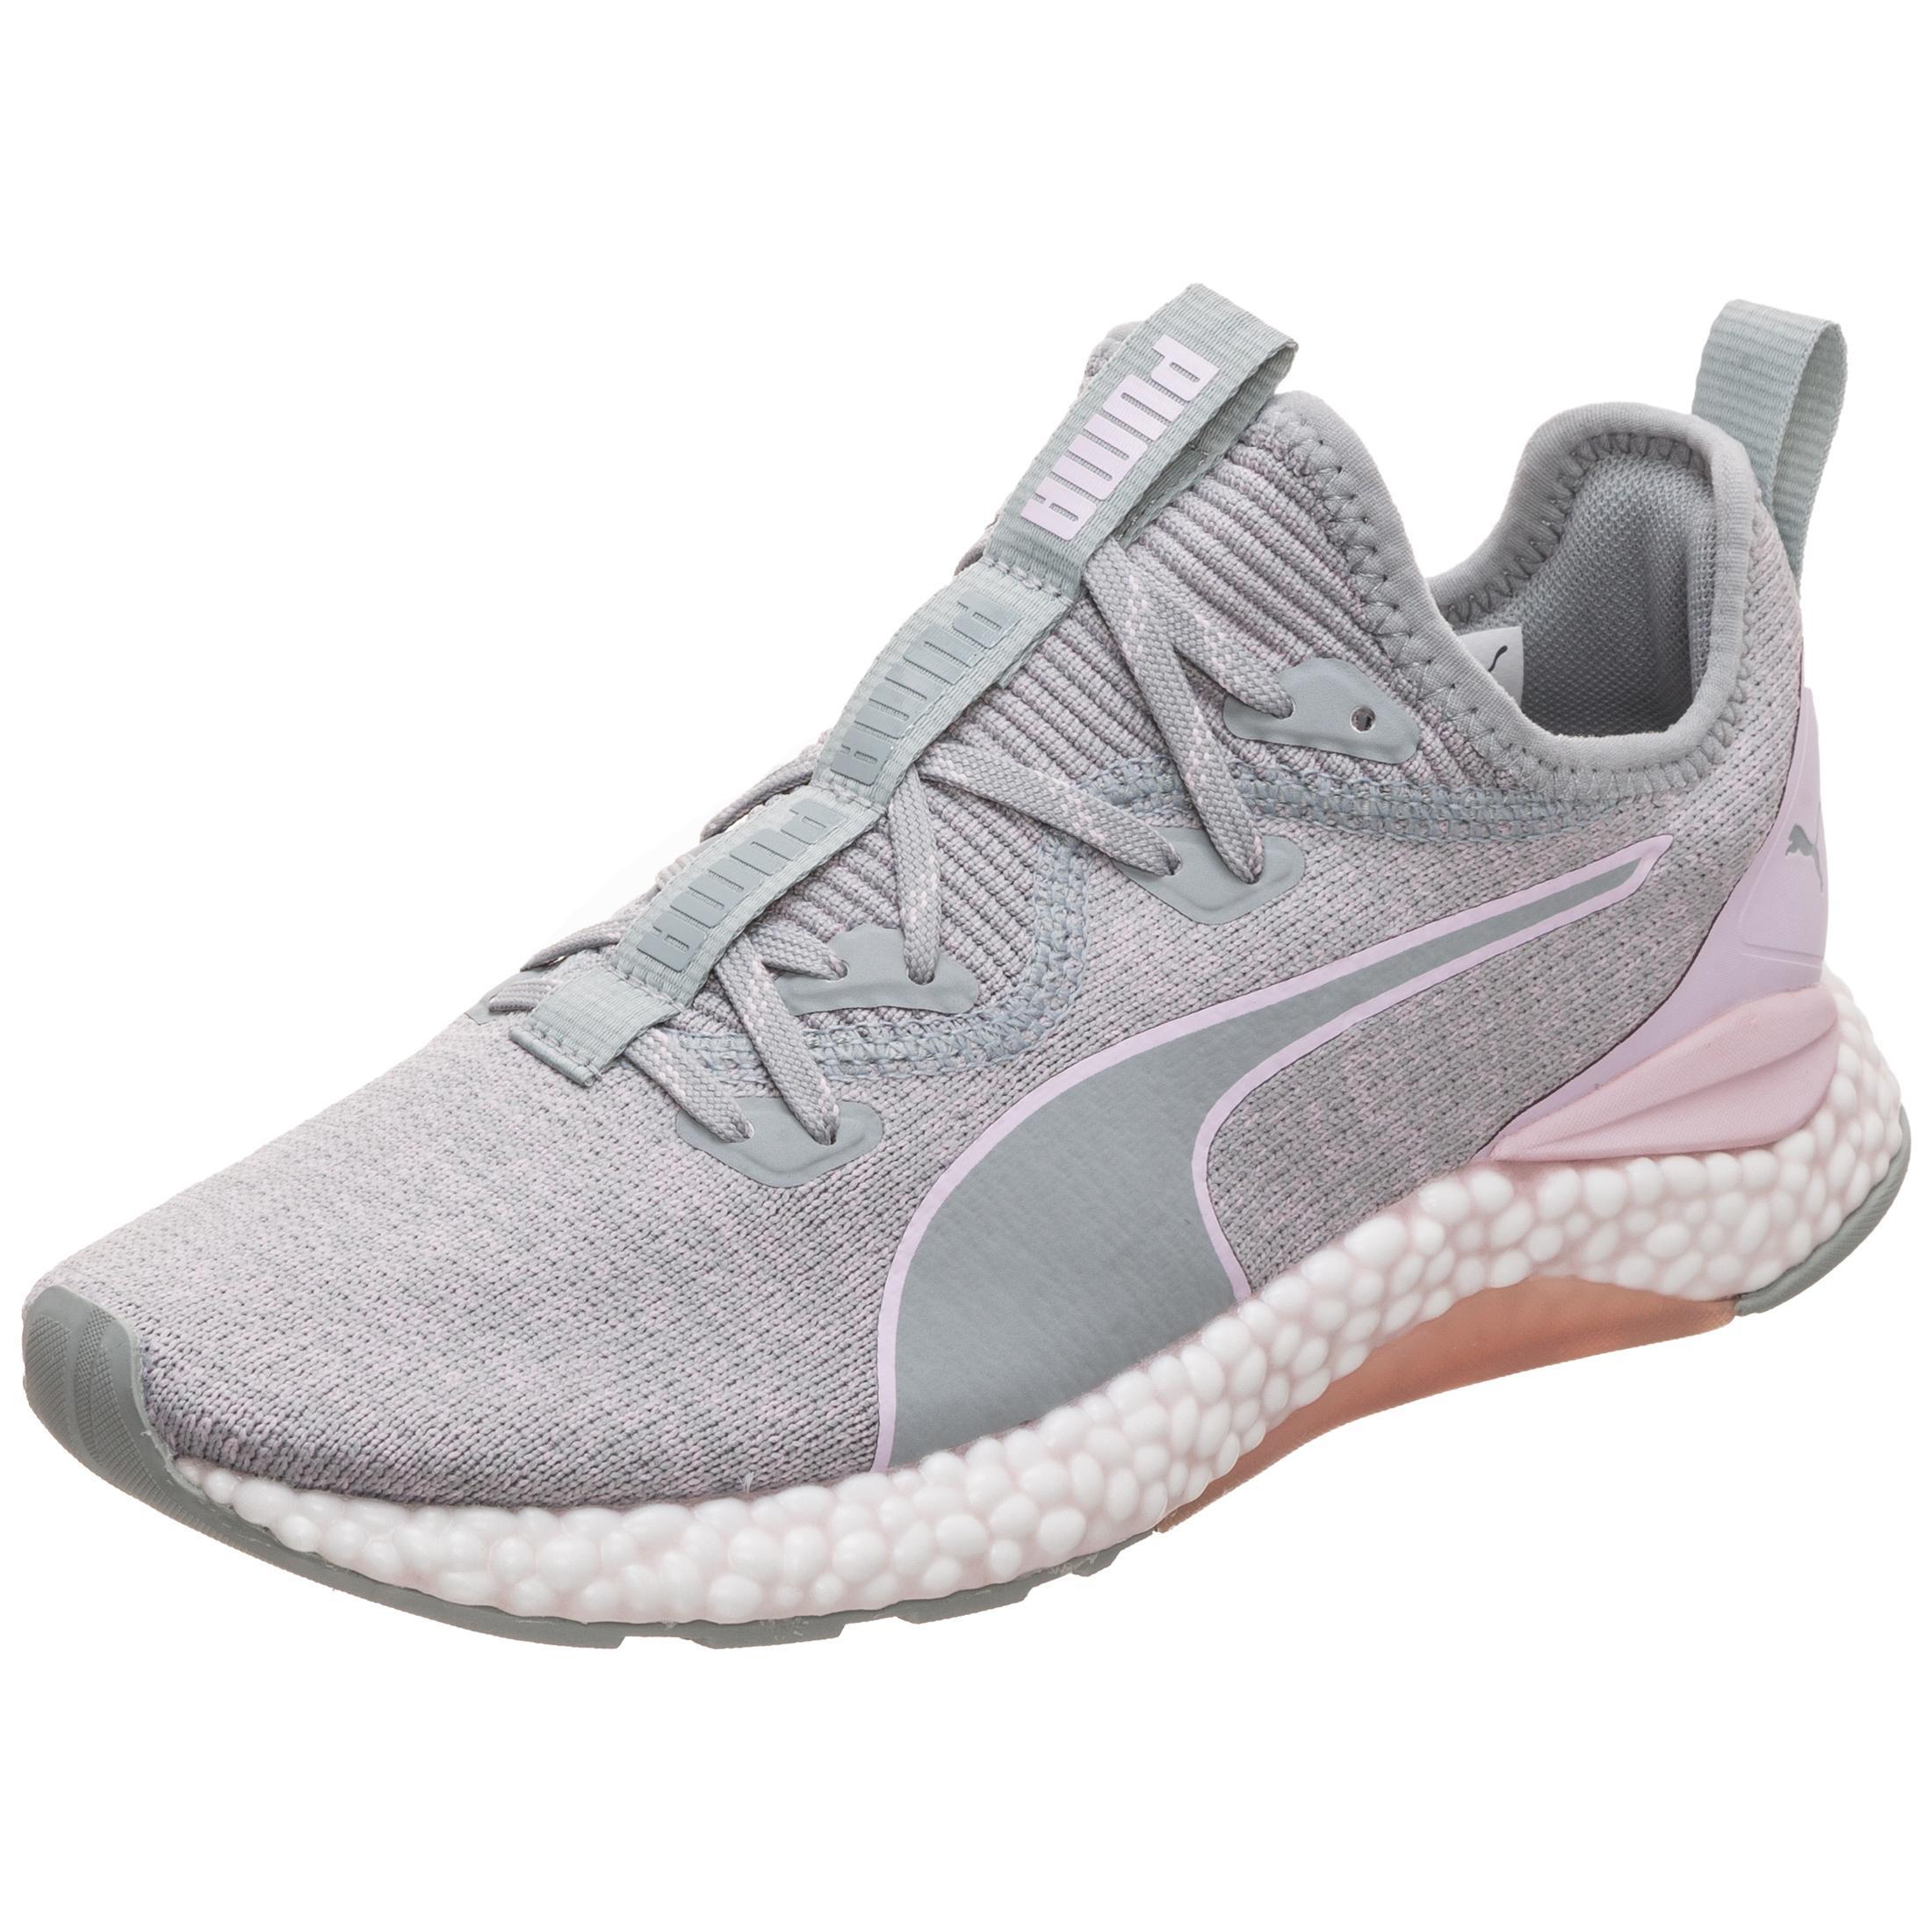 PUMA Hybrid Rocket Runner Laufschuhe Damen grau / rosa im Online Shop von SportScheck kaufen